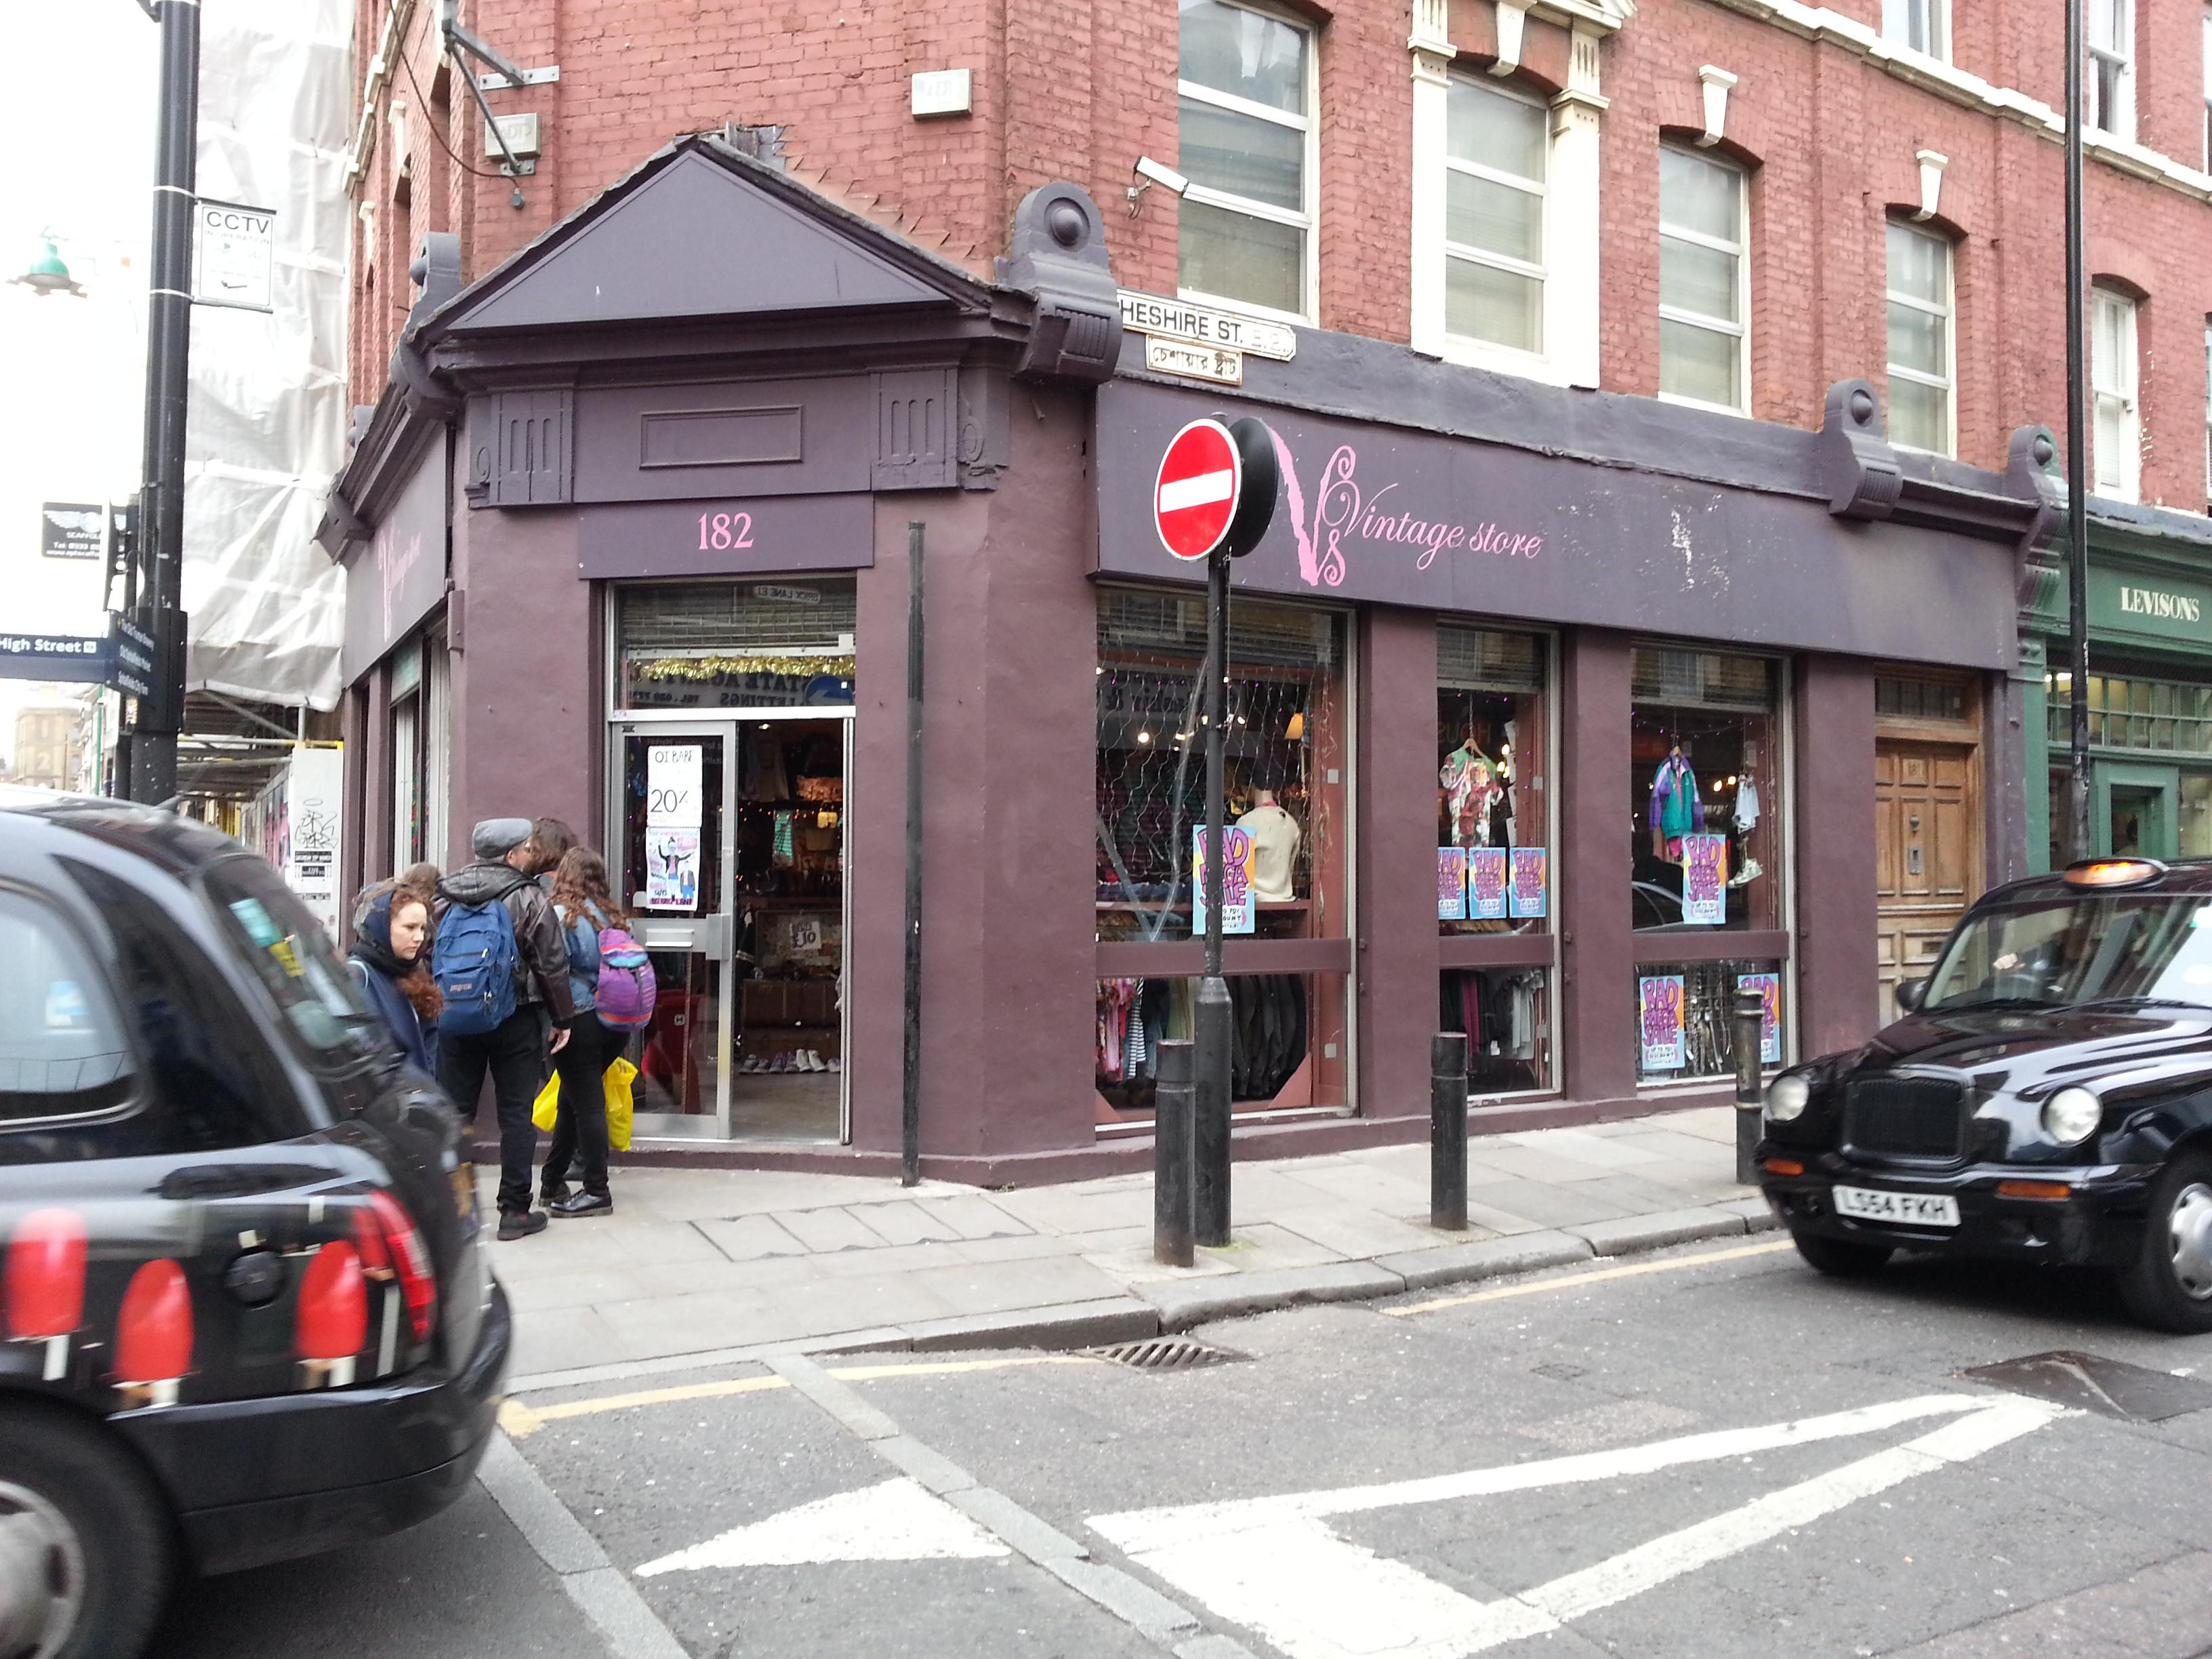 182 Vintage Store